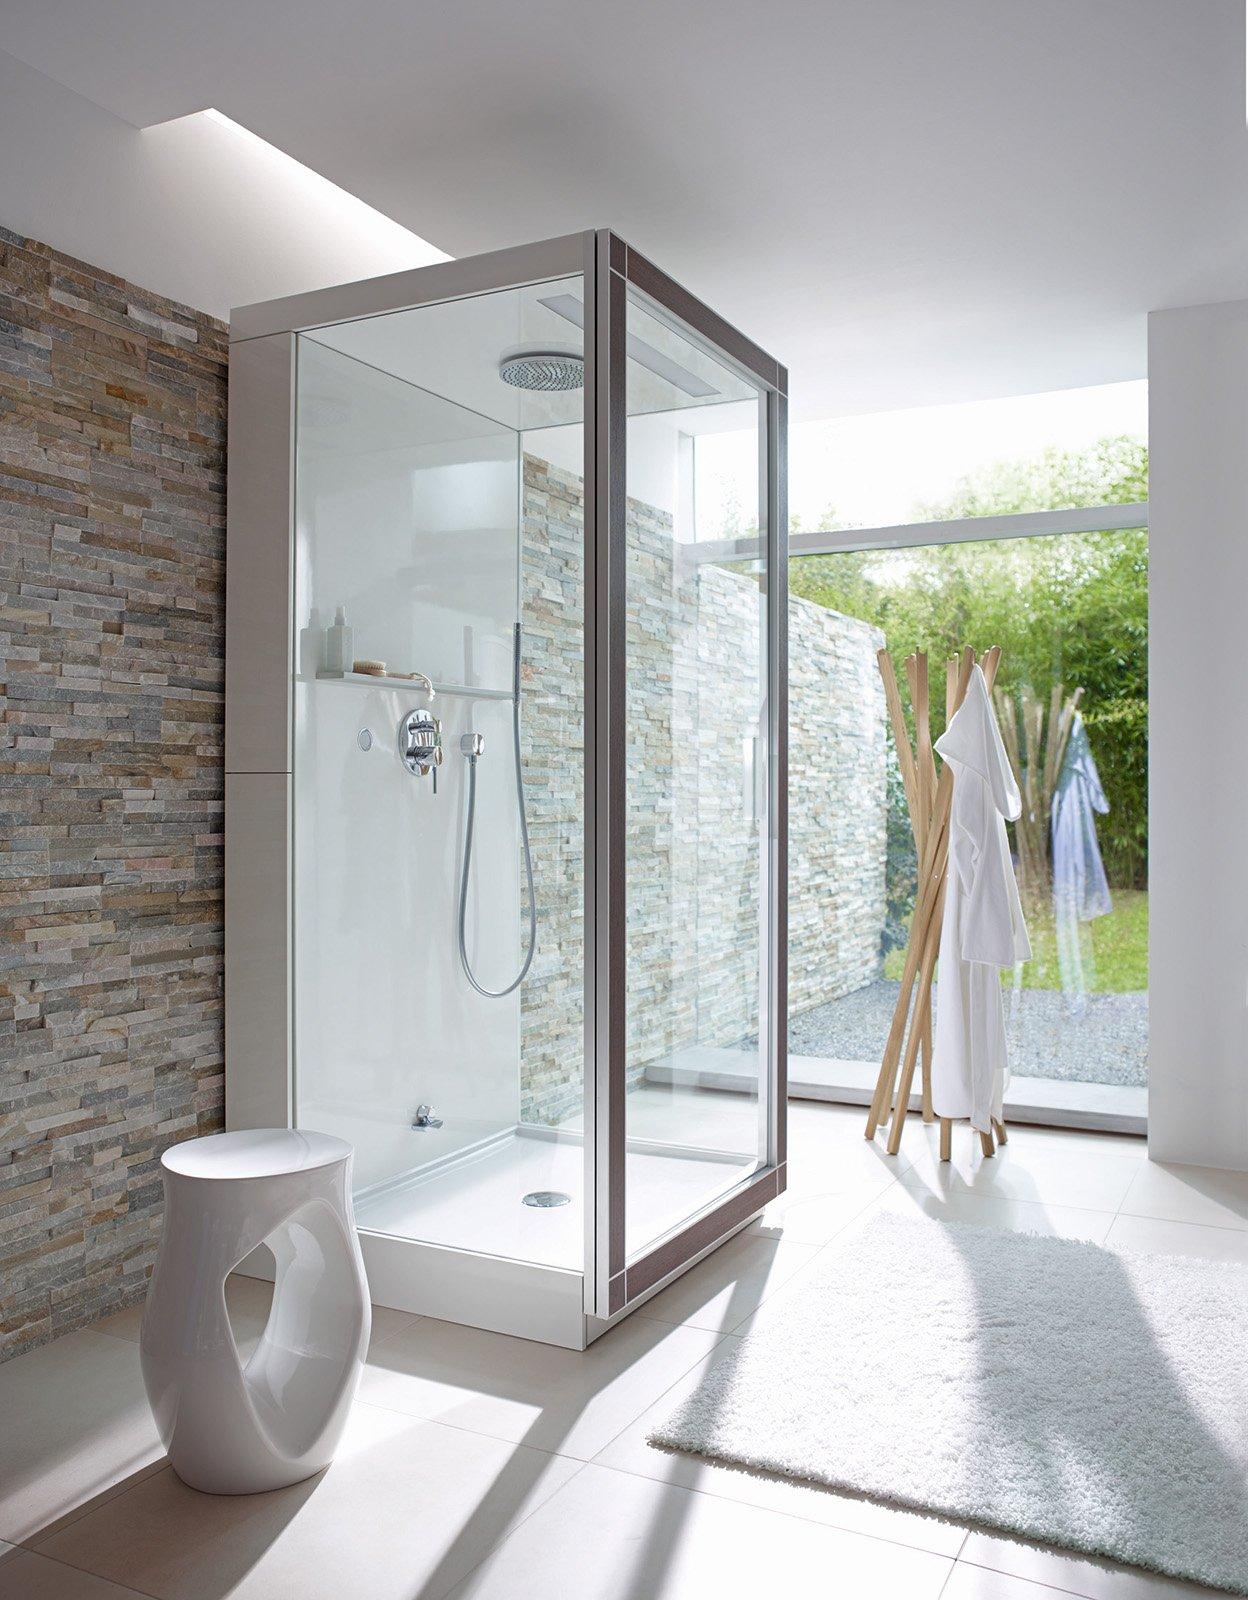 Bagno: idromassaggio in vasca o doccia per un benessere domestico - Cose di Casa